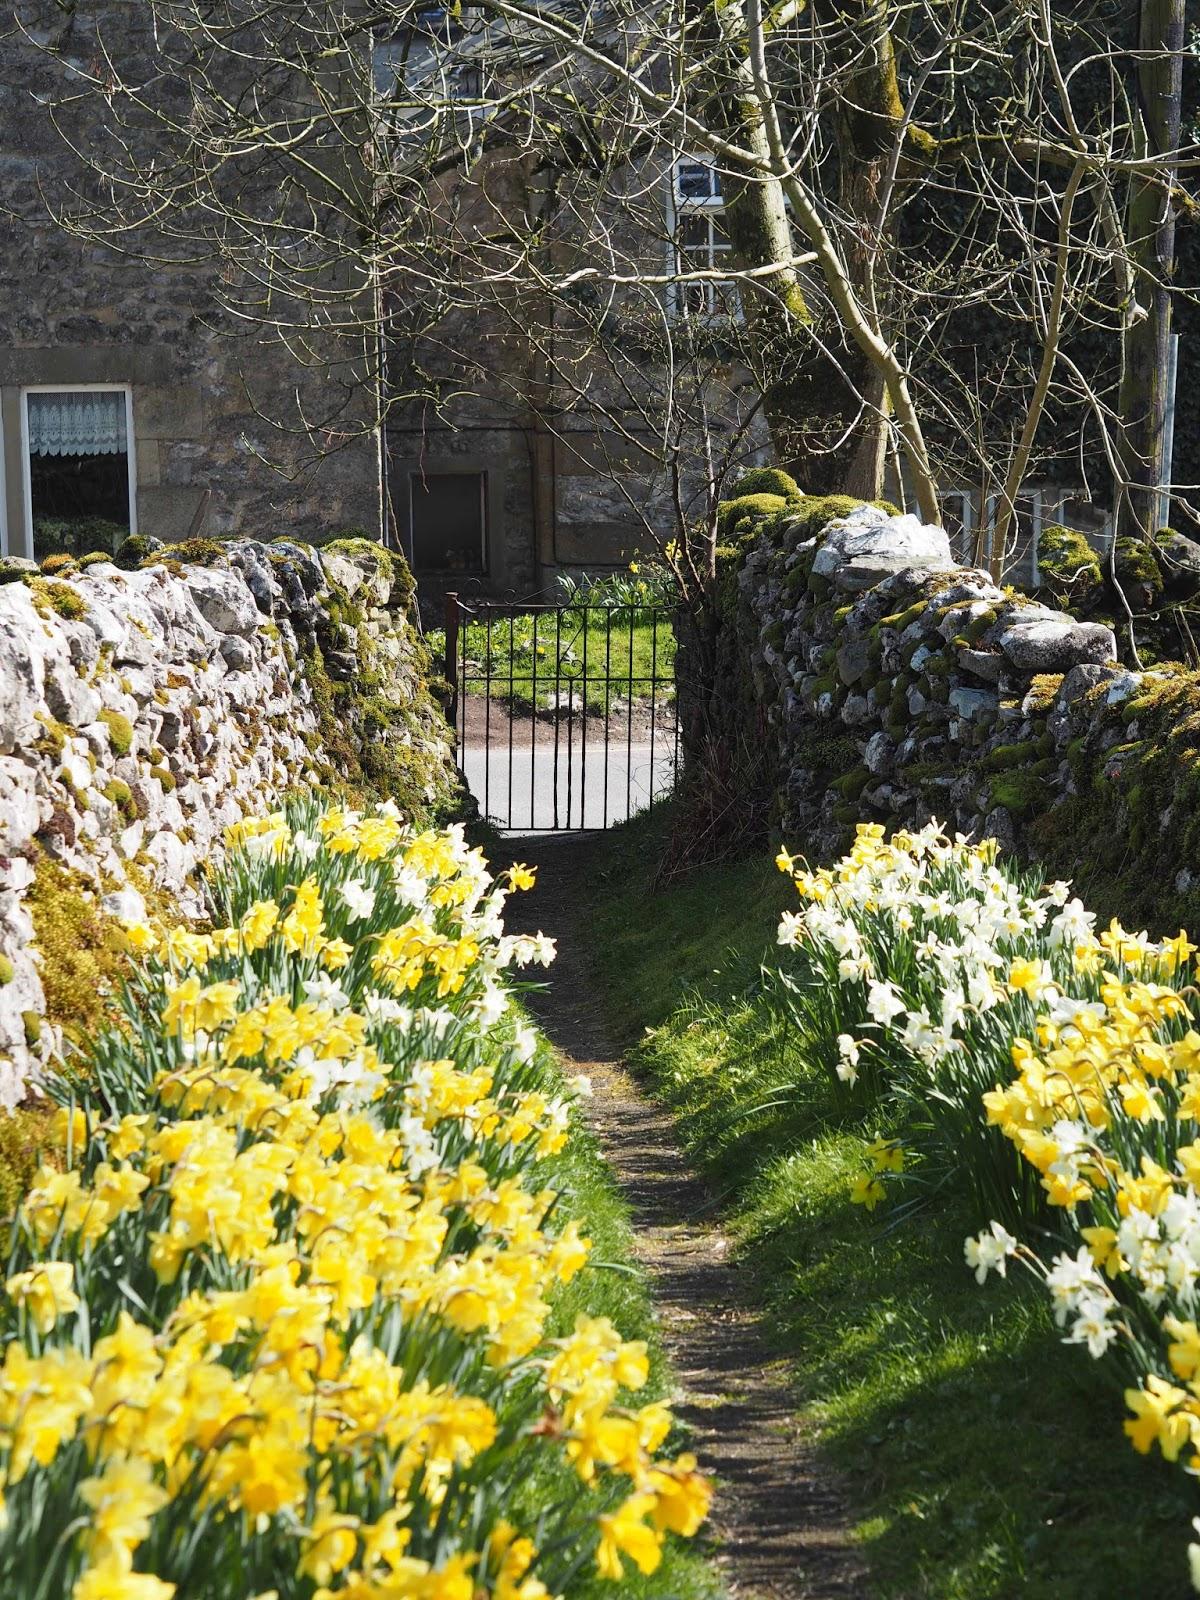 Daffodils in Malham